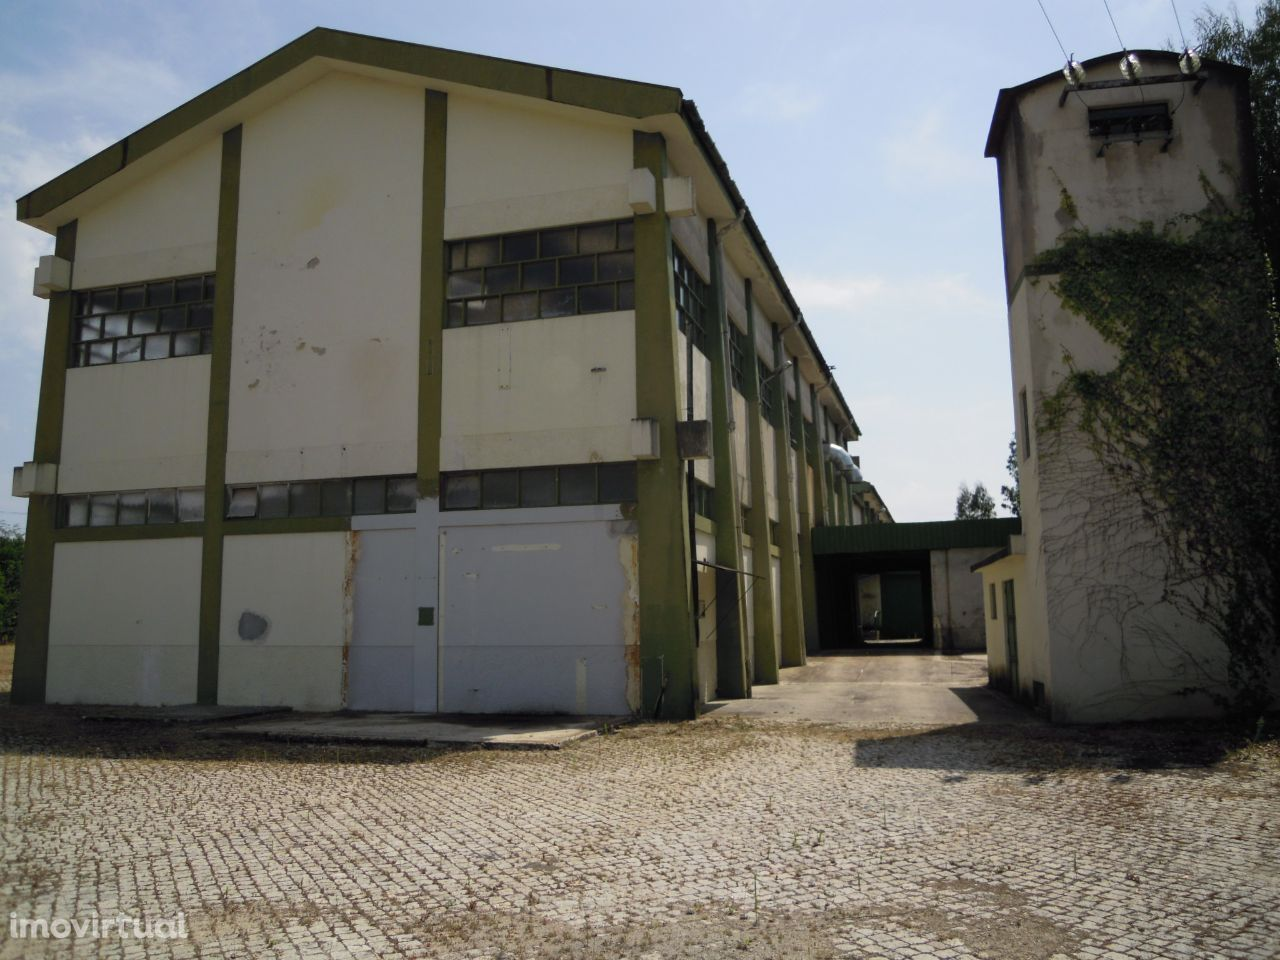 Armazém industrial no Olival, em Vila Nova de Gaia